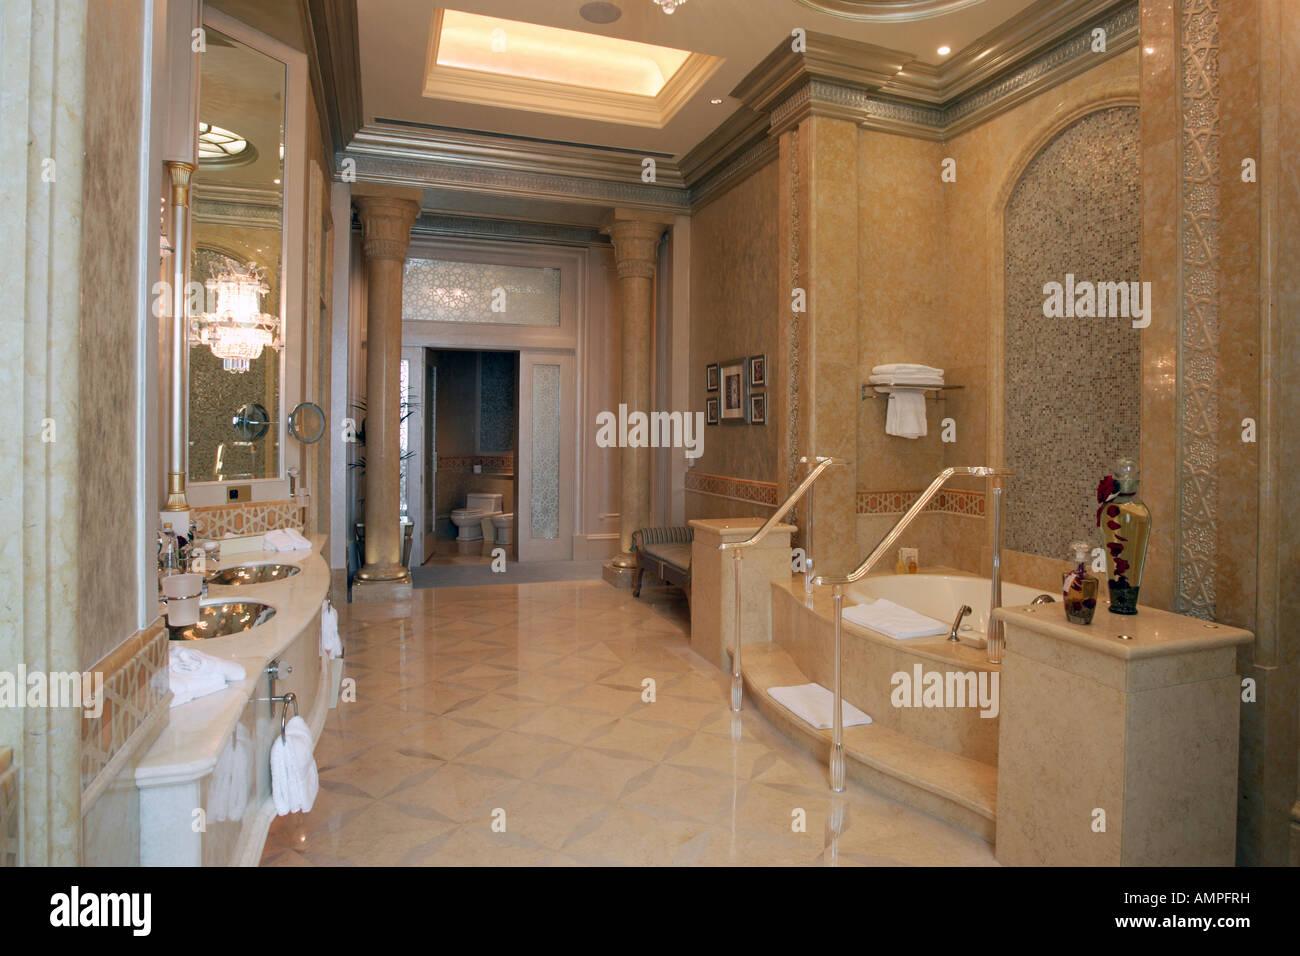 Abu Dhabi Chat Room